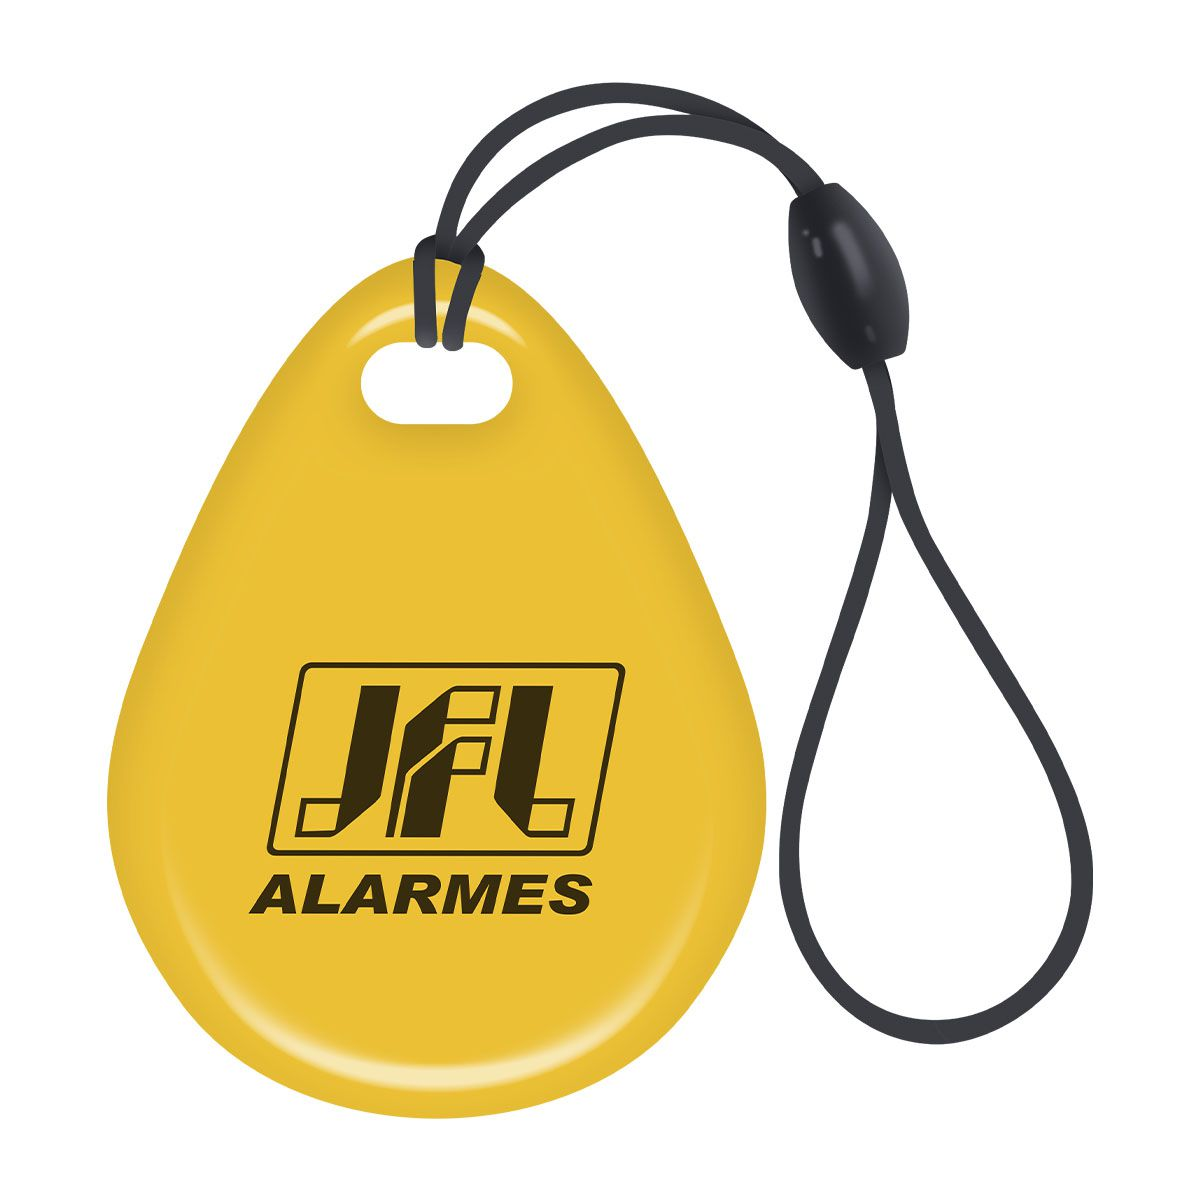 10 Chaveiro de Aproximação RFID 13,56Mhz Jfl